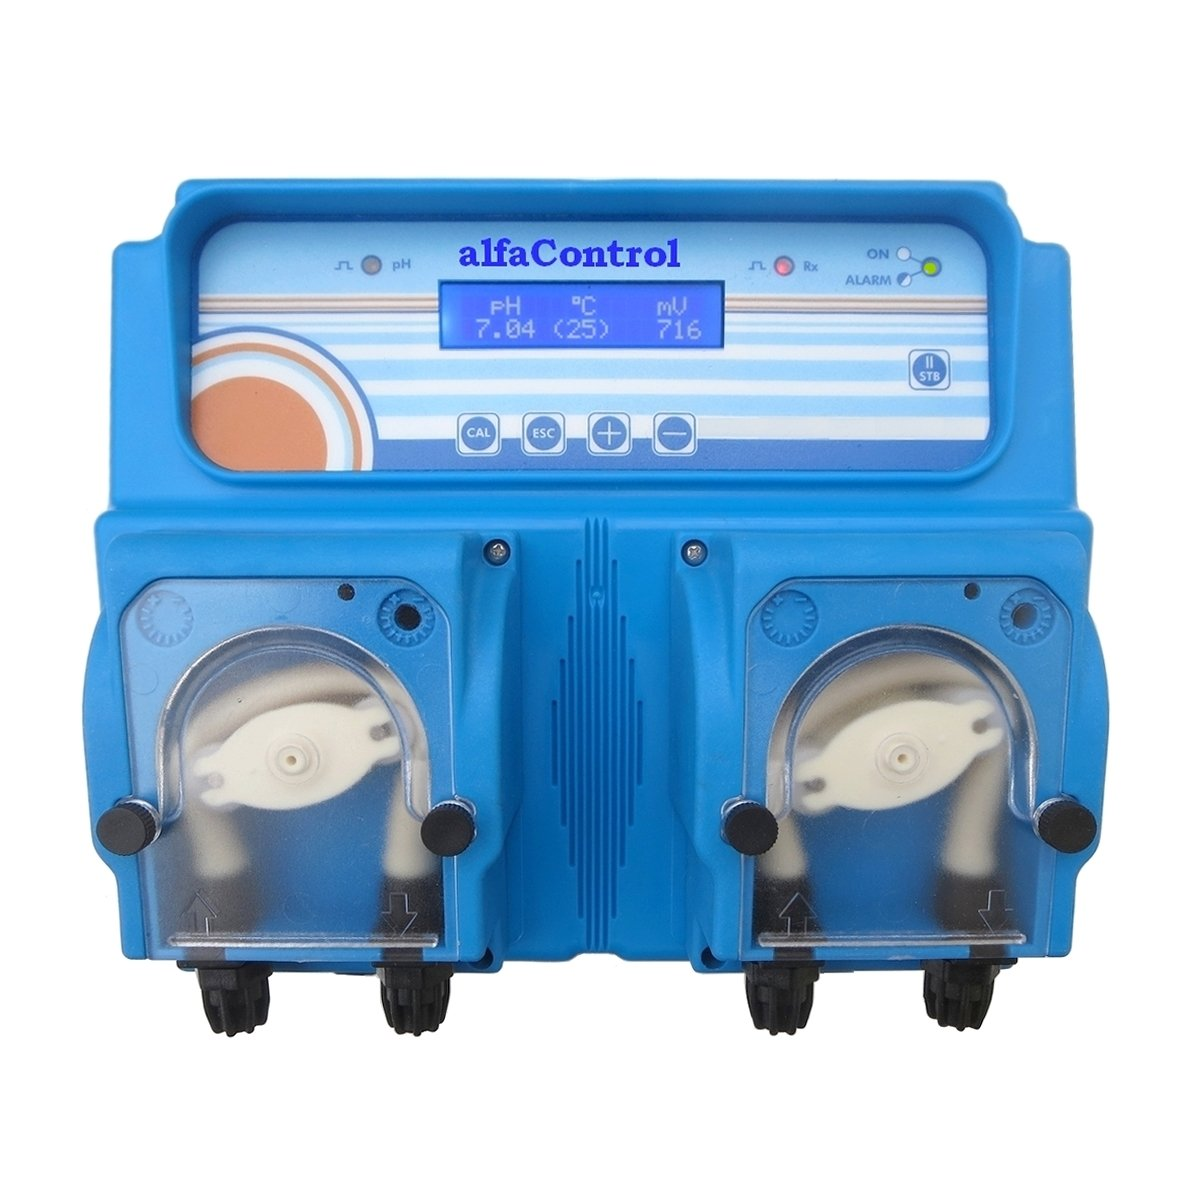 Alfacontrol PH ORP Compact PSP I di misurazione e controllo dispositivo per il valore del pH Disinfezione Set completo